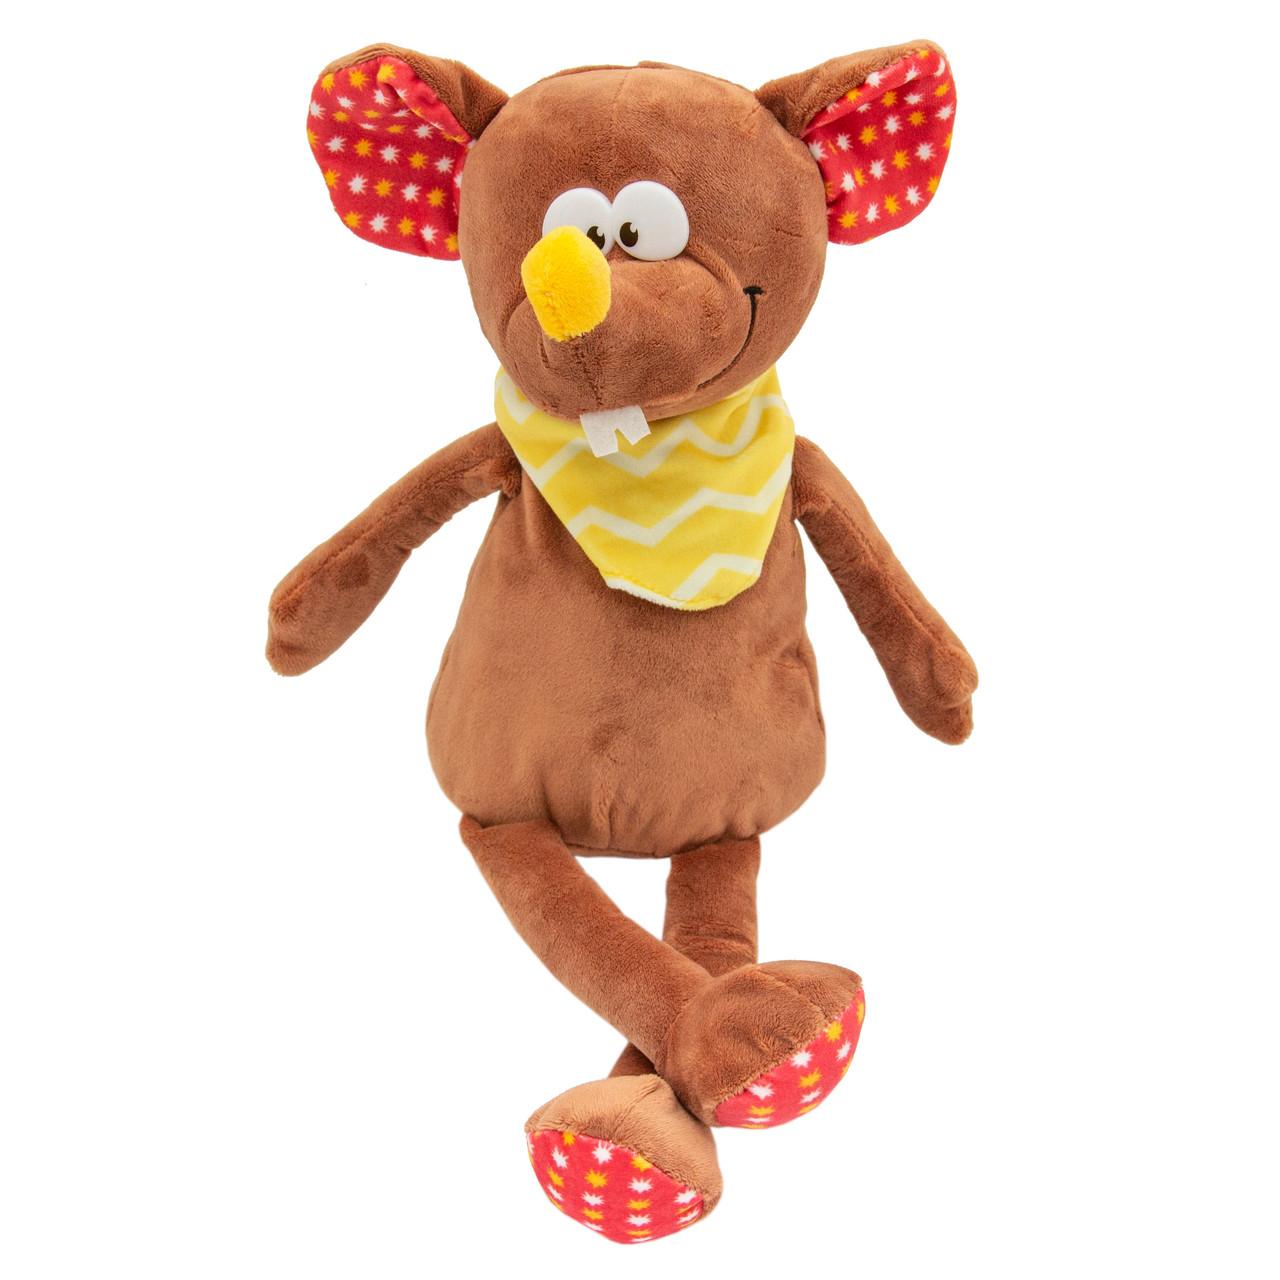 М'яка іграшка - щур з хустинкою, 26 см, коричневий, плюш (M1807526B-1)